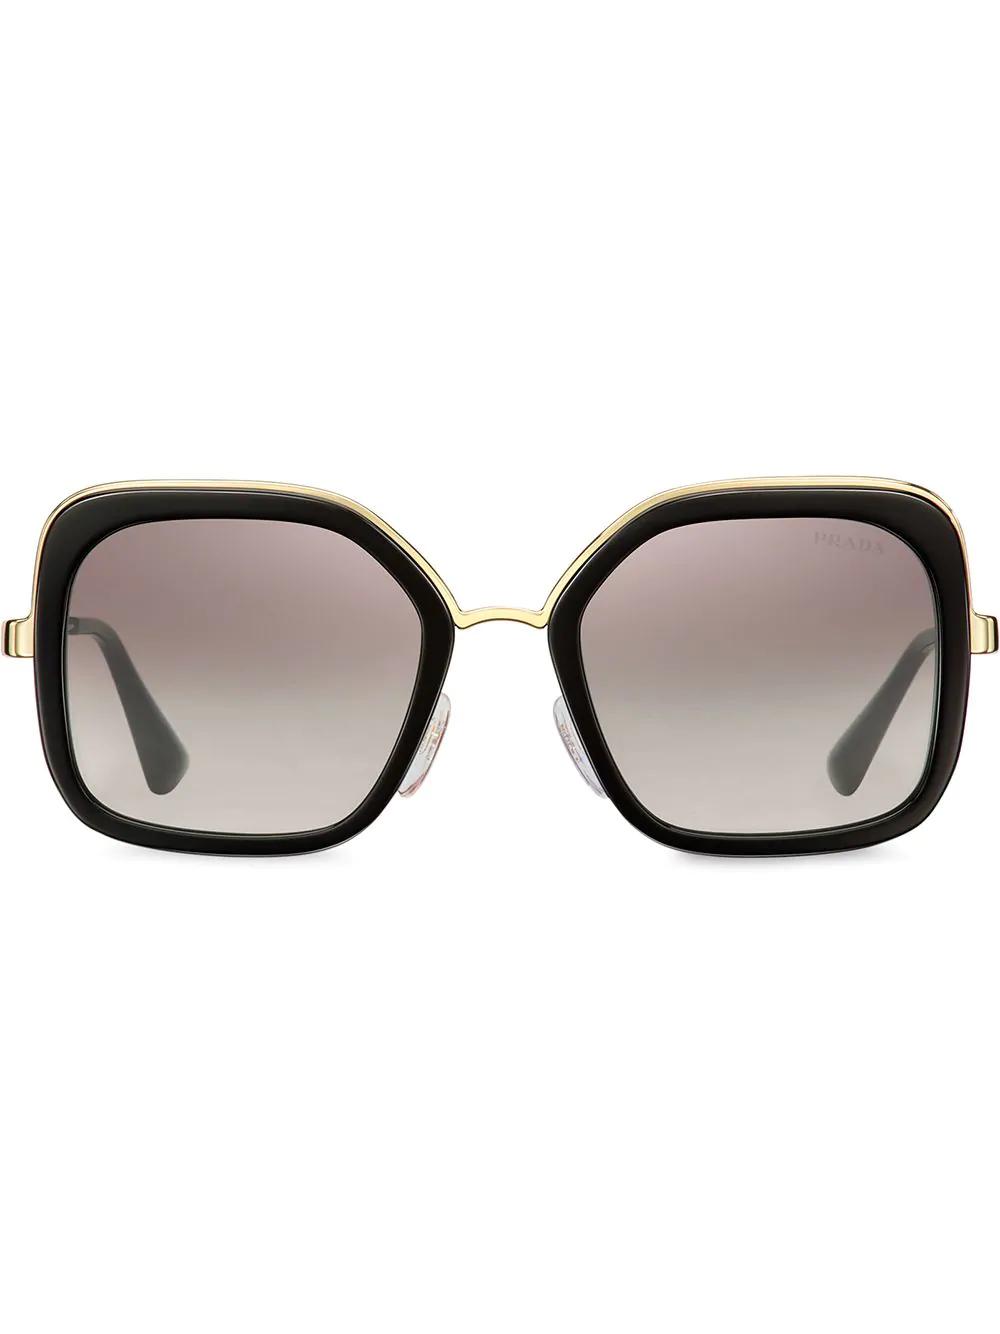 ac24fd3237759 Prada Eyewear CinéMa Eyewear - Black